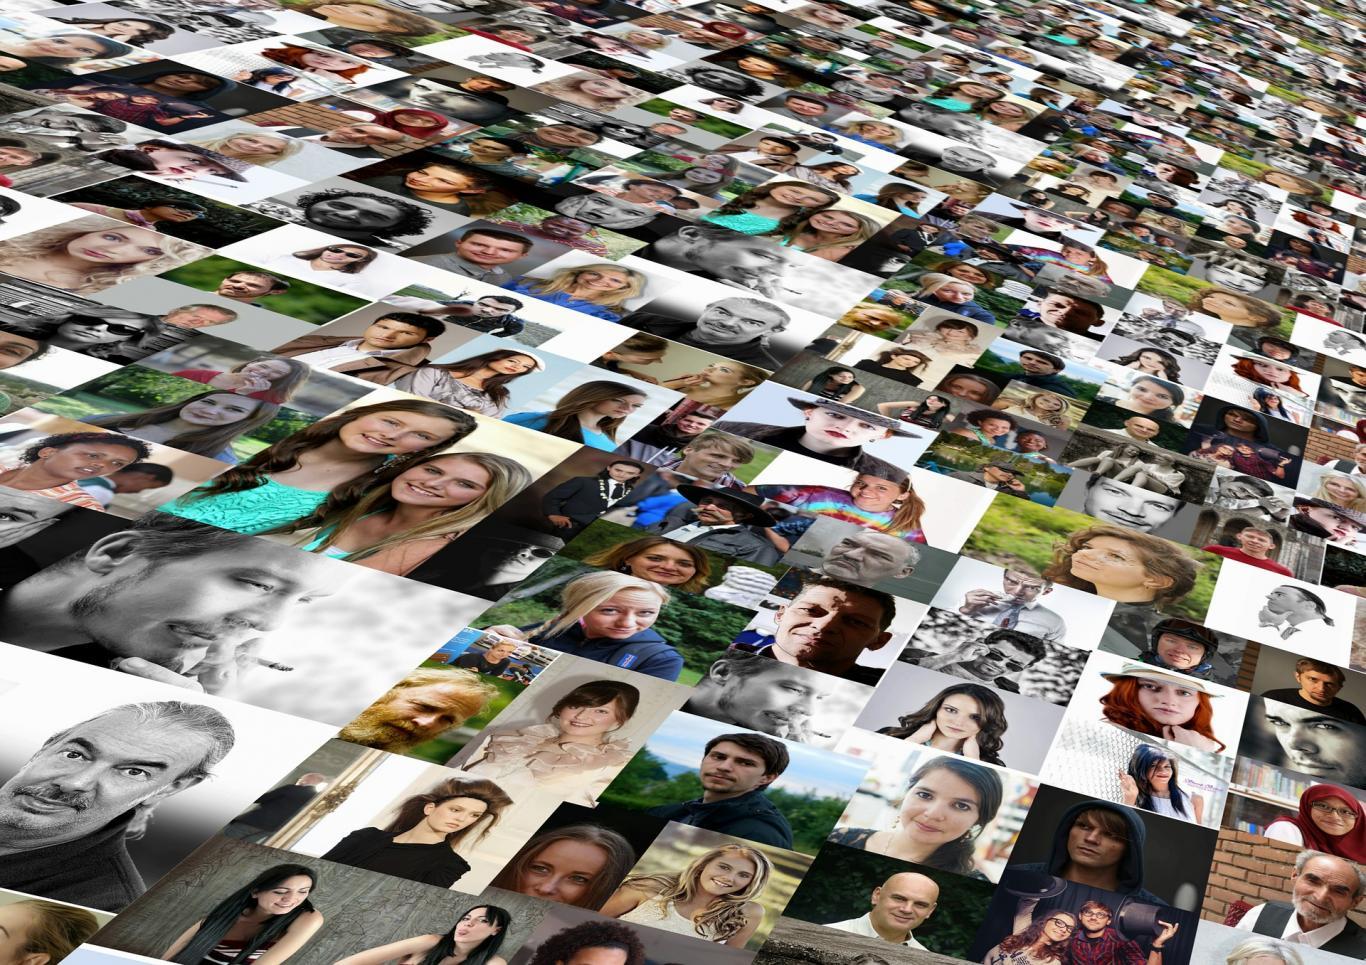 Montaje con fotos de muchas personas